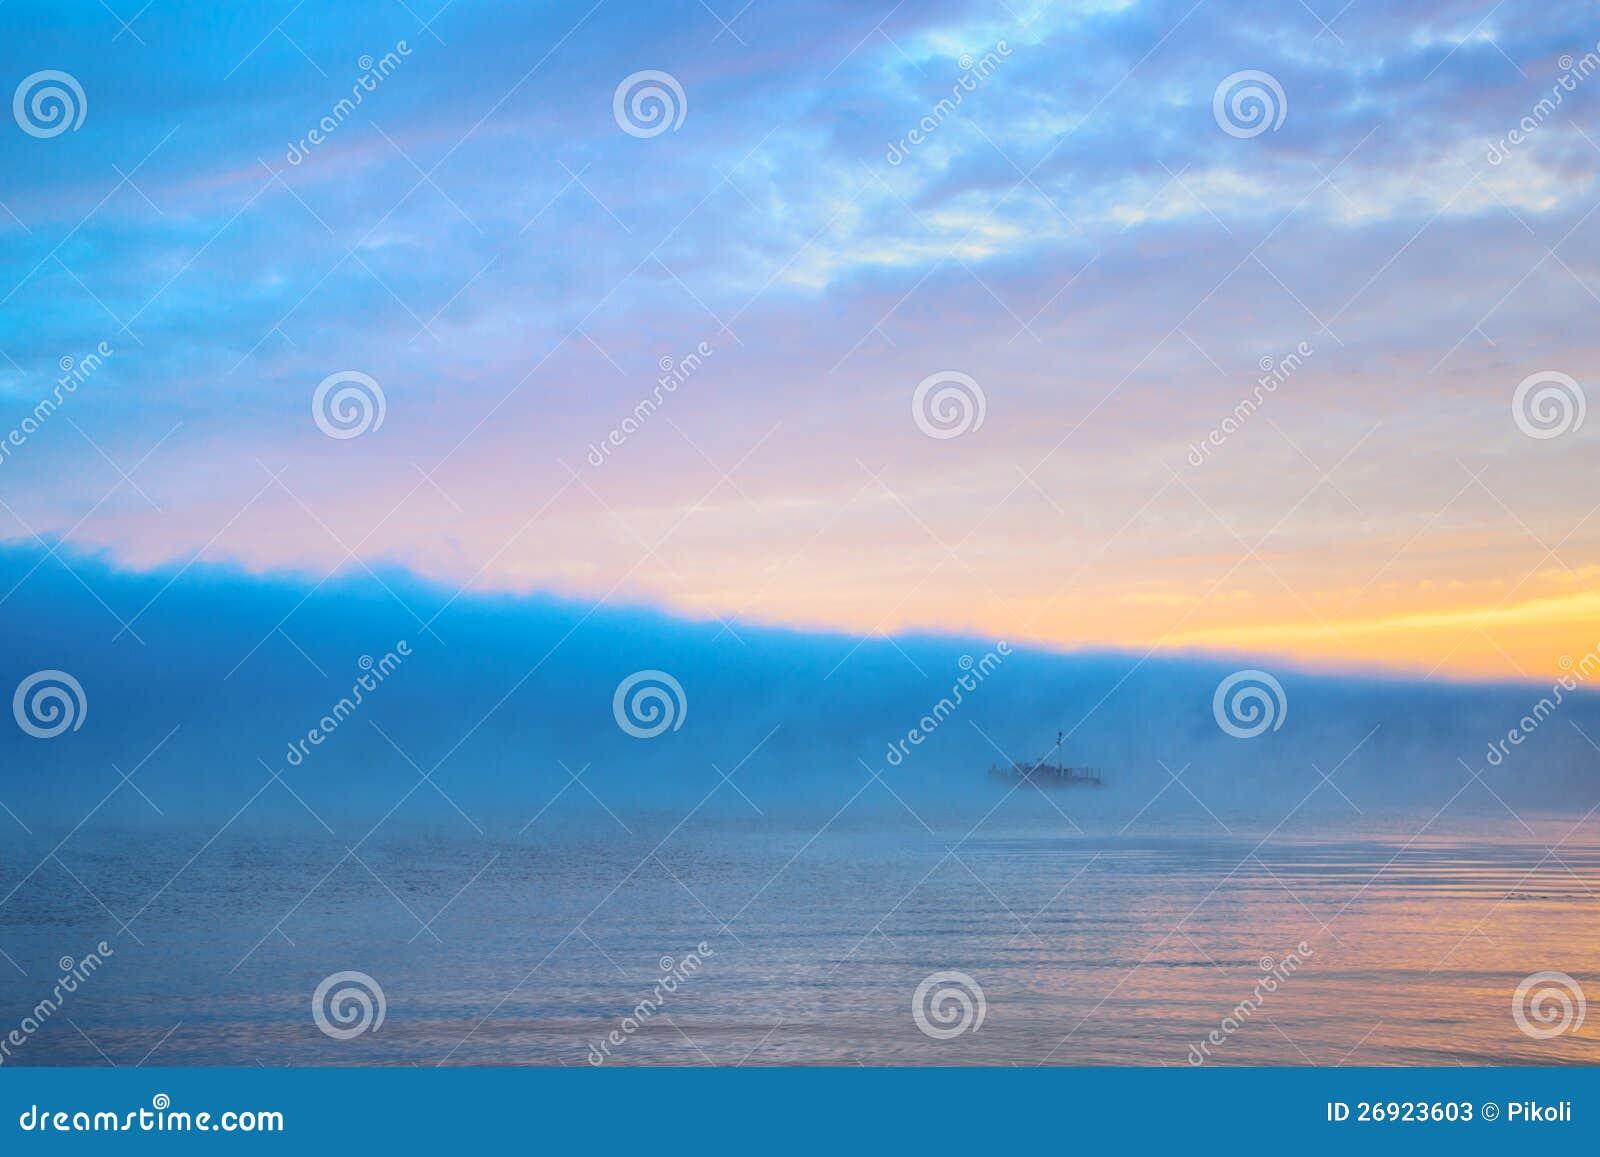 Prachtige rivier met grote wolk van blauwe mist